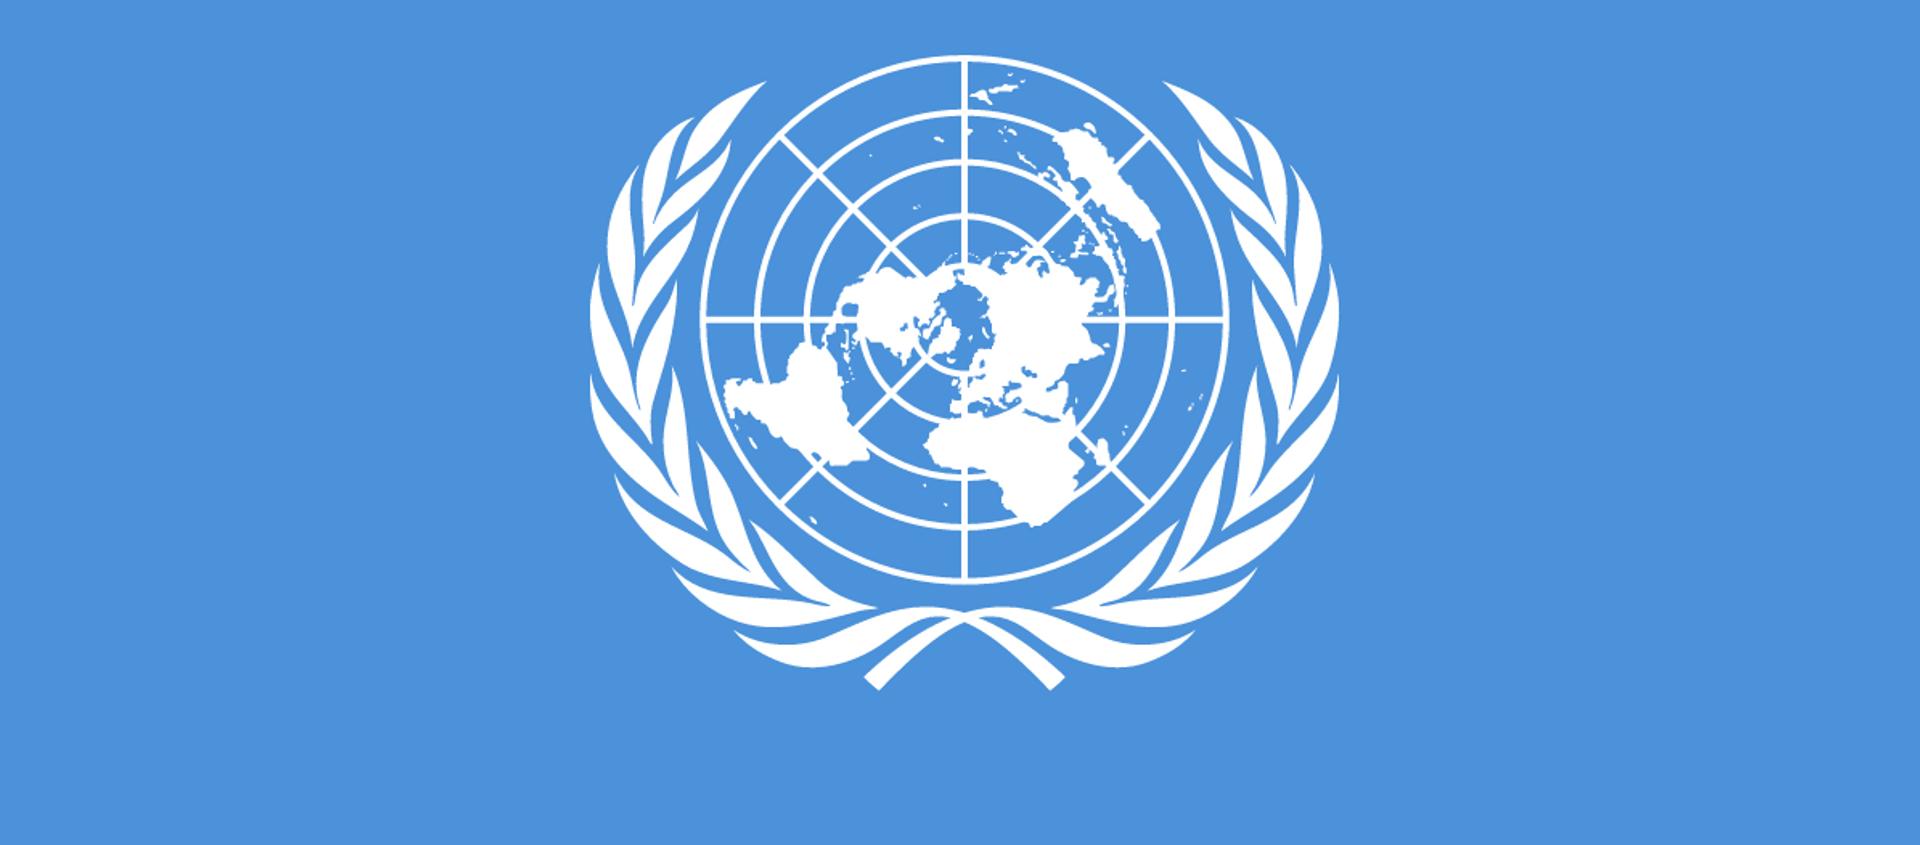 Bandiera delle Nazioni Unite - Sputnik Italia, 1920, 12.03.2021